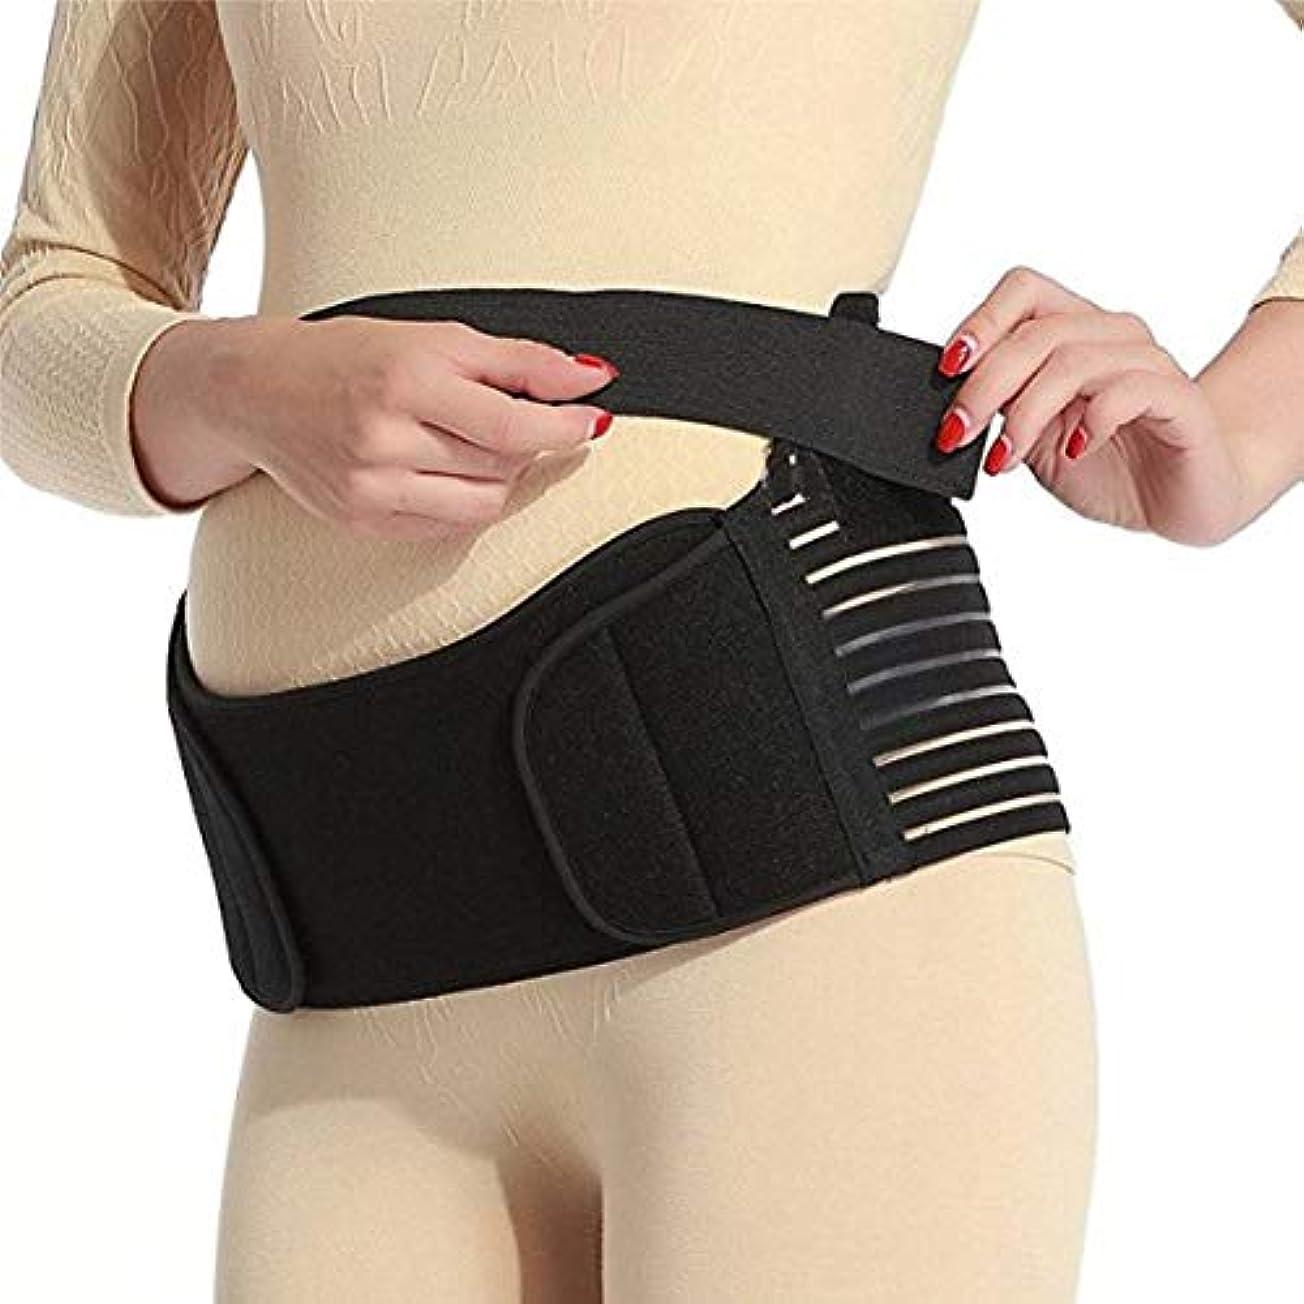 生き返らせる神経衰弱裕福な通気性マタニティベルト妊娠中の腹部サポート腹部バインダーガードル運動包帯産後の回復shapewear - ブラックM